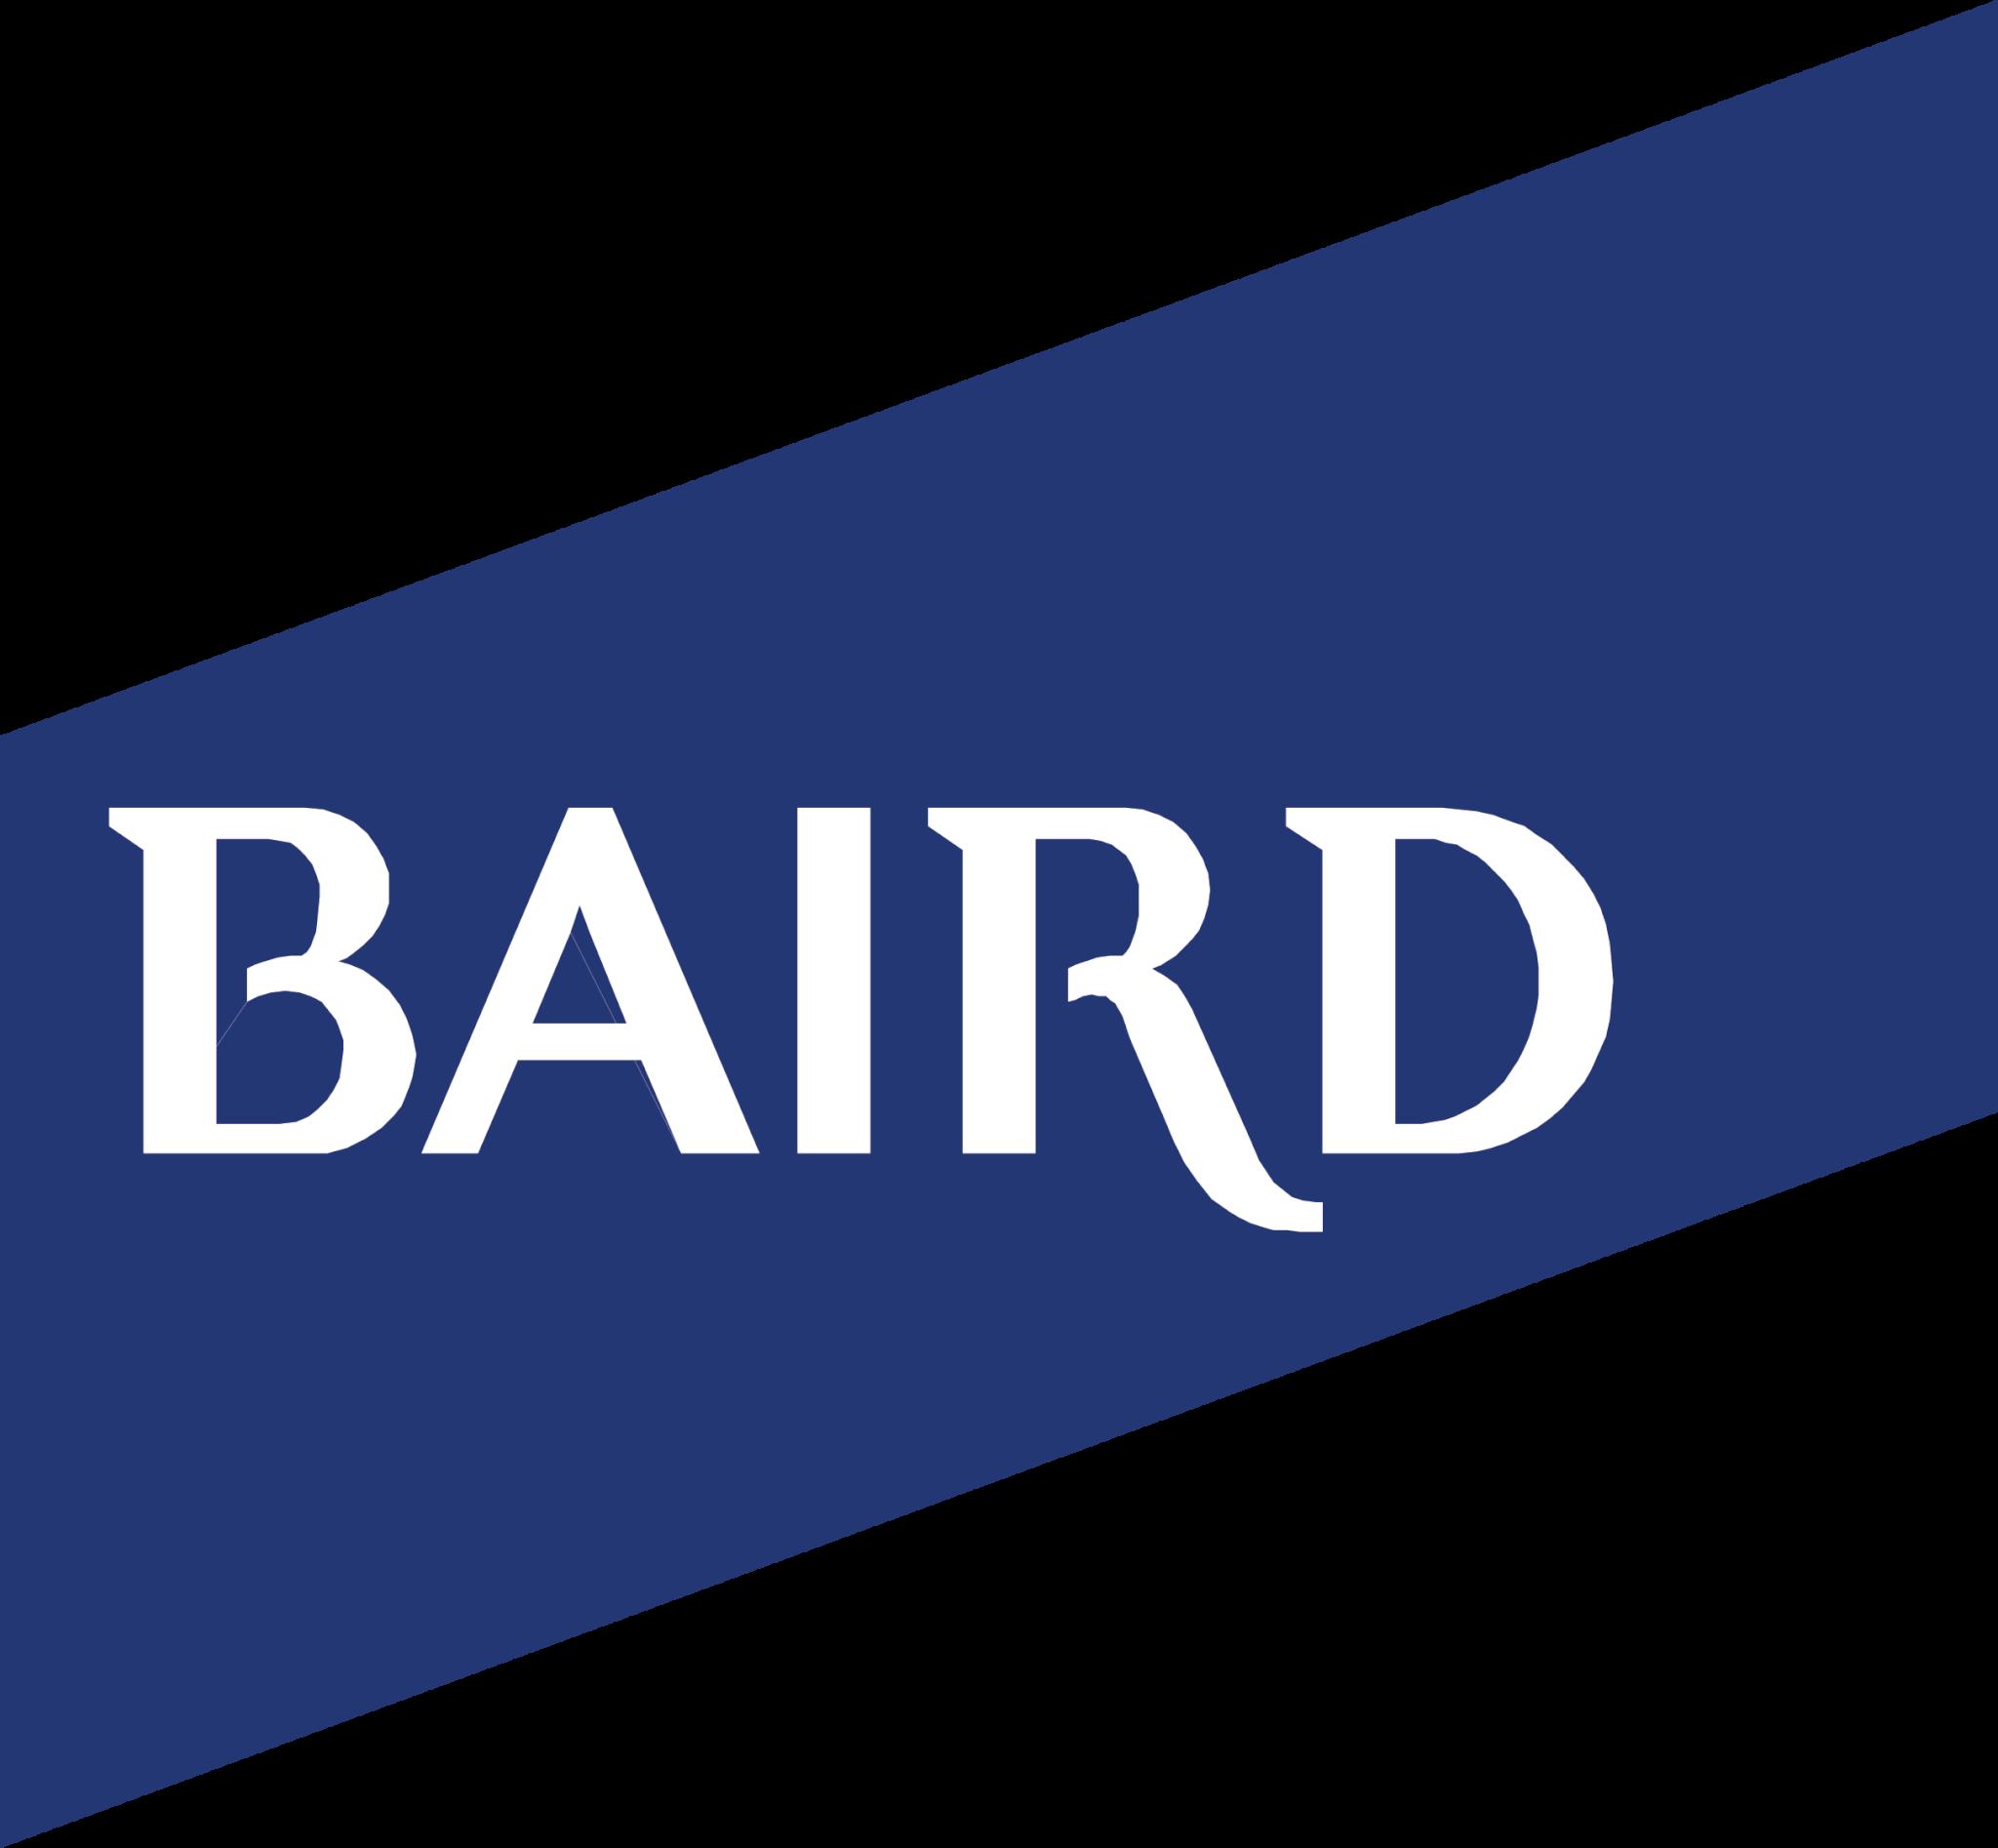 AchieveIt Customer Logo Robert W. Baird